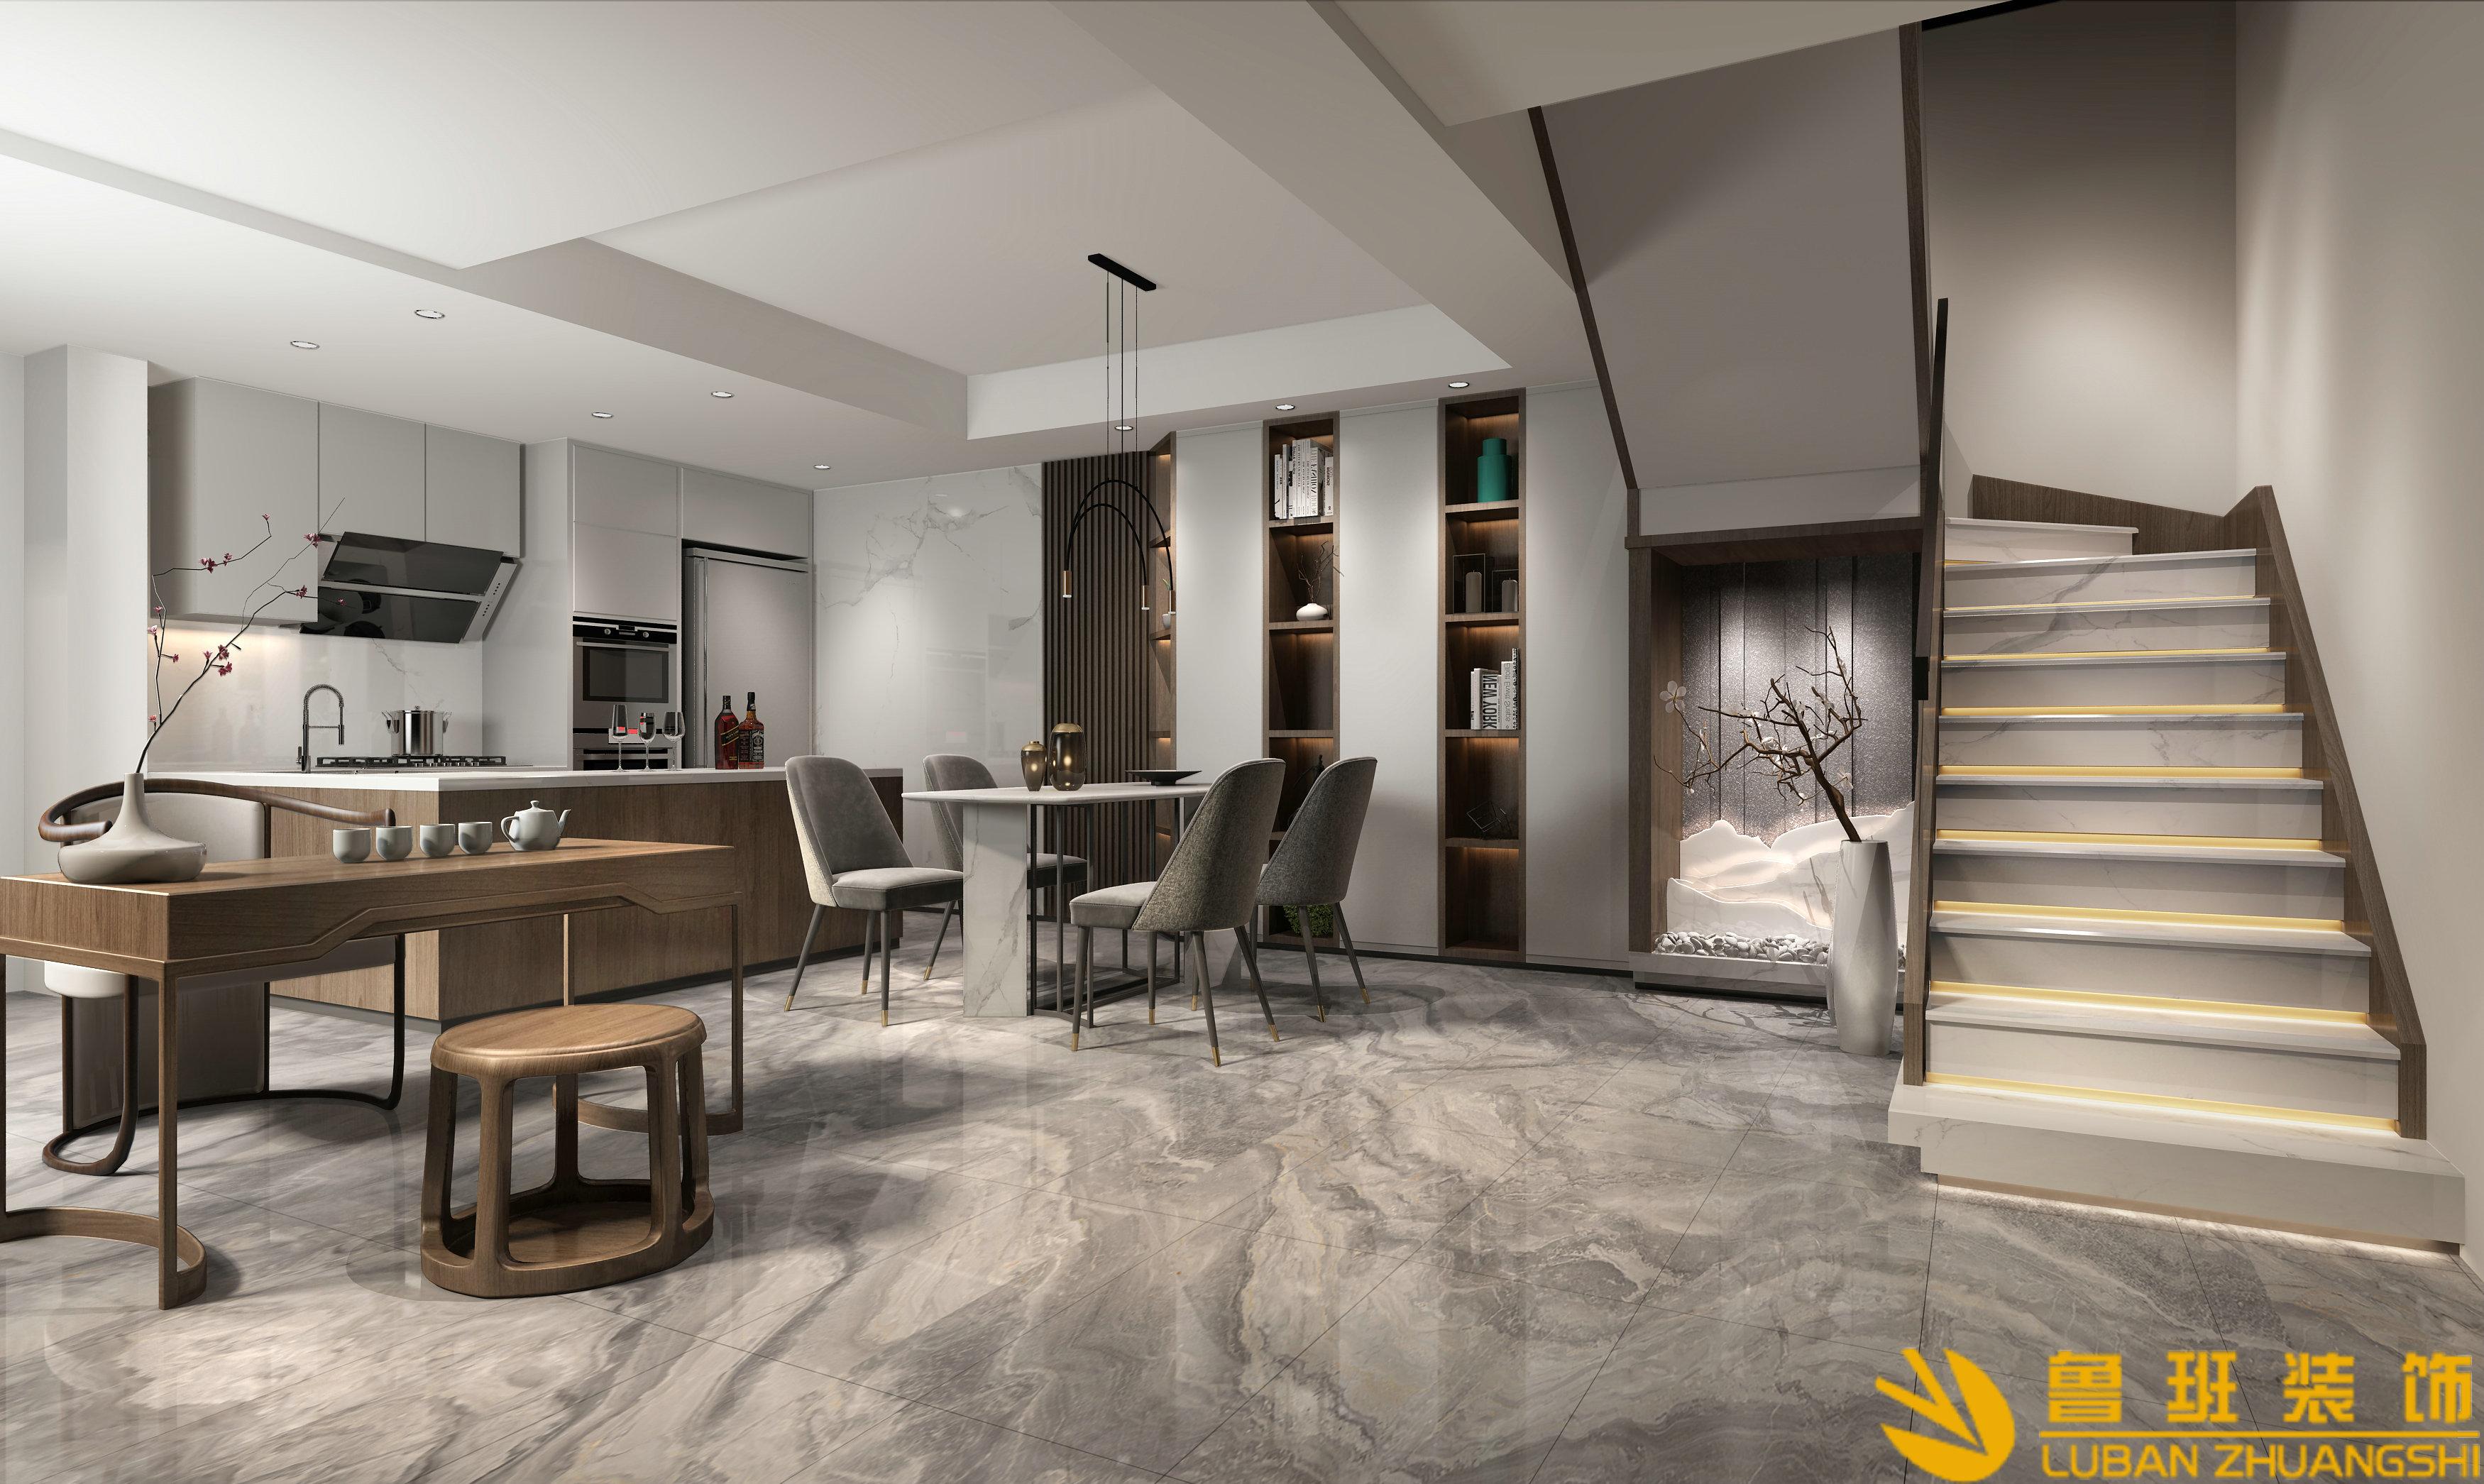 青城山居两室三卫118.3平米现代新中式餐厅